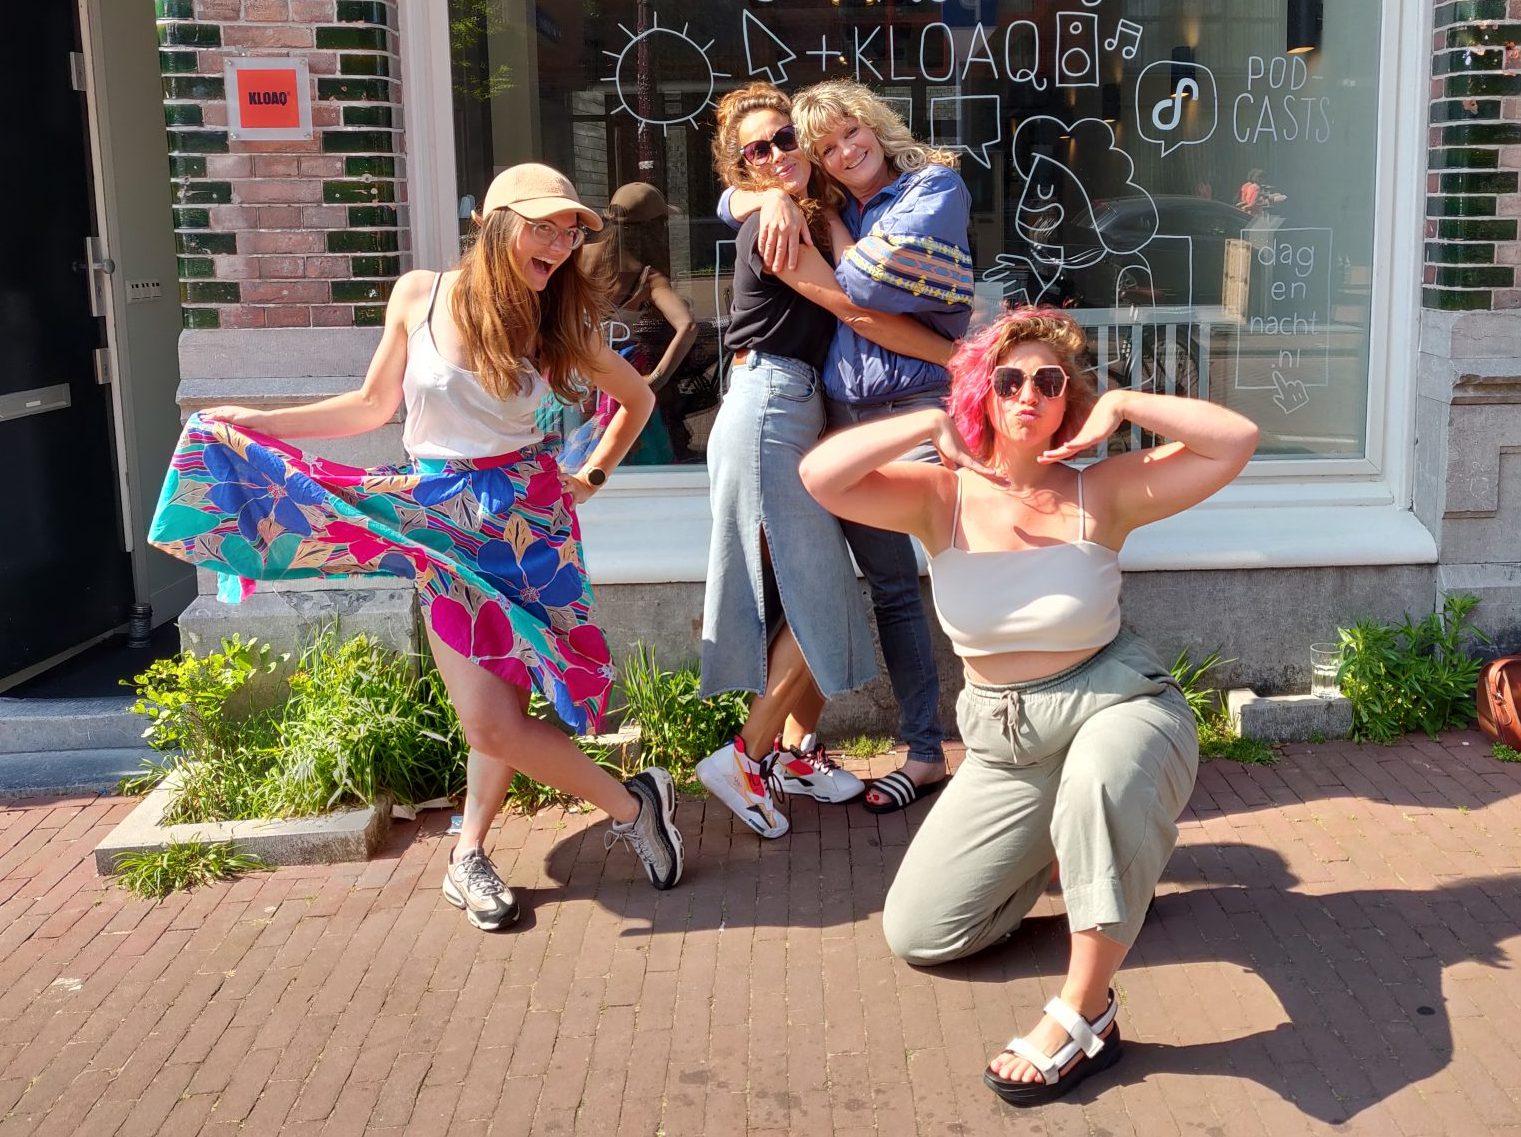 Nydia, Kiona, Geerke en Marie Lotte poseren buiten op de stoep voor de studio van Dag en Nacht Media